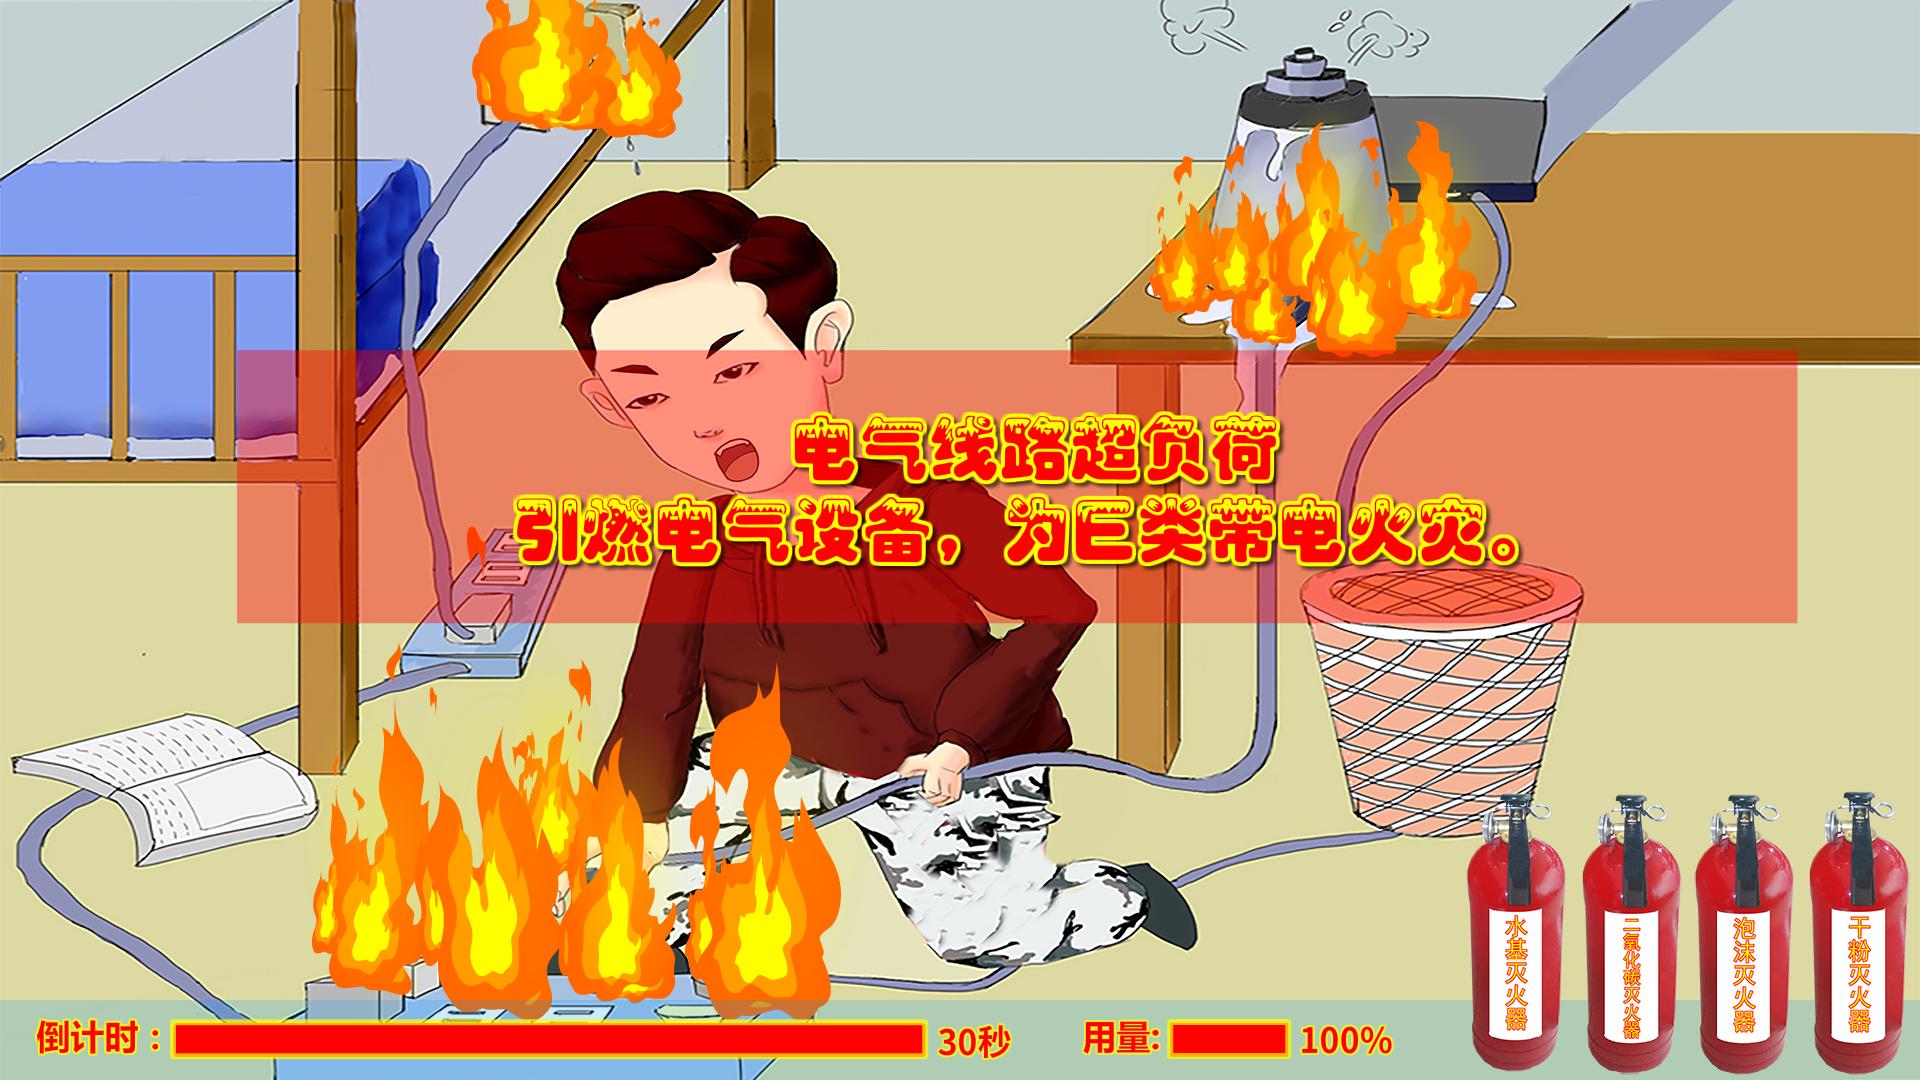 三维模拟灭火体验系统截图1